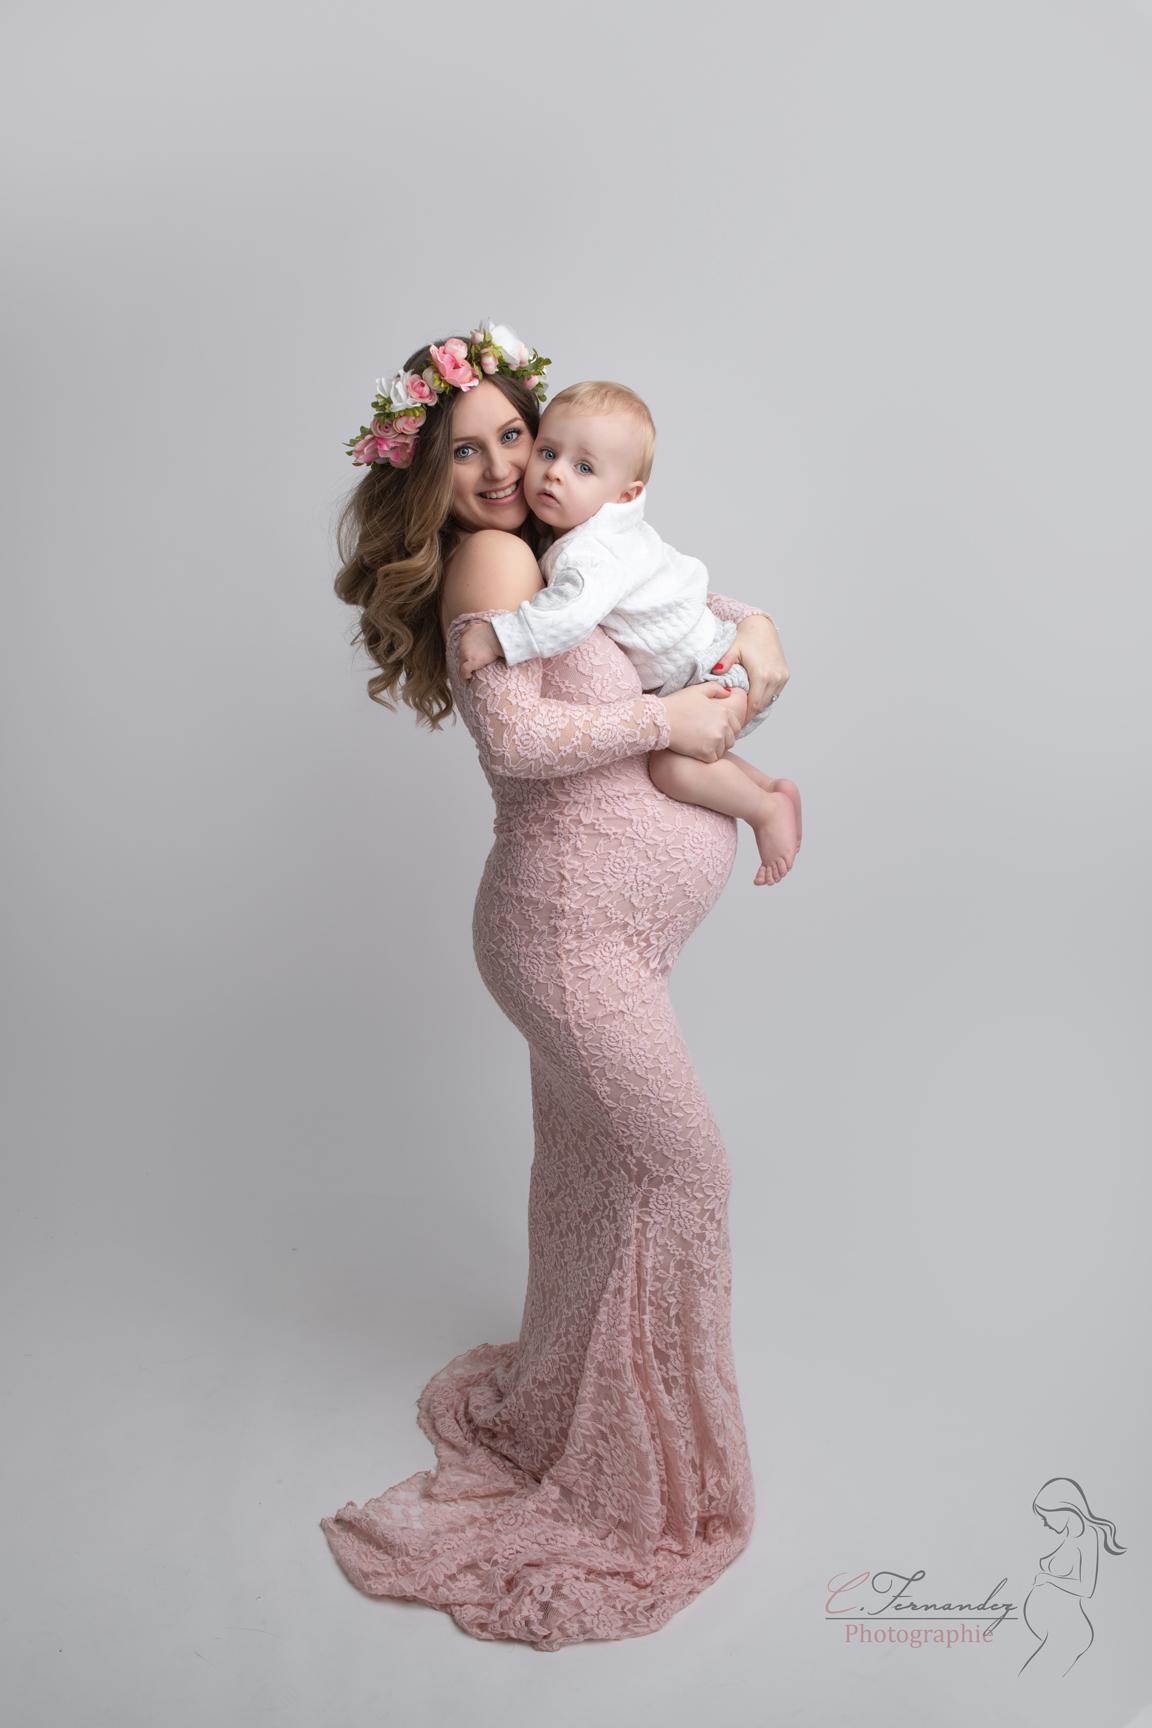 Séance grossesse studio à Peypin entre Aix et Aubagne par Cindy Fernandez Photograpge spécialisée grossesse, maternité, nouveau-né bébé et famille